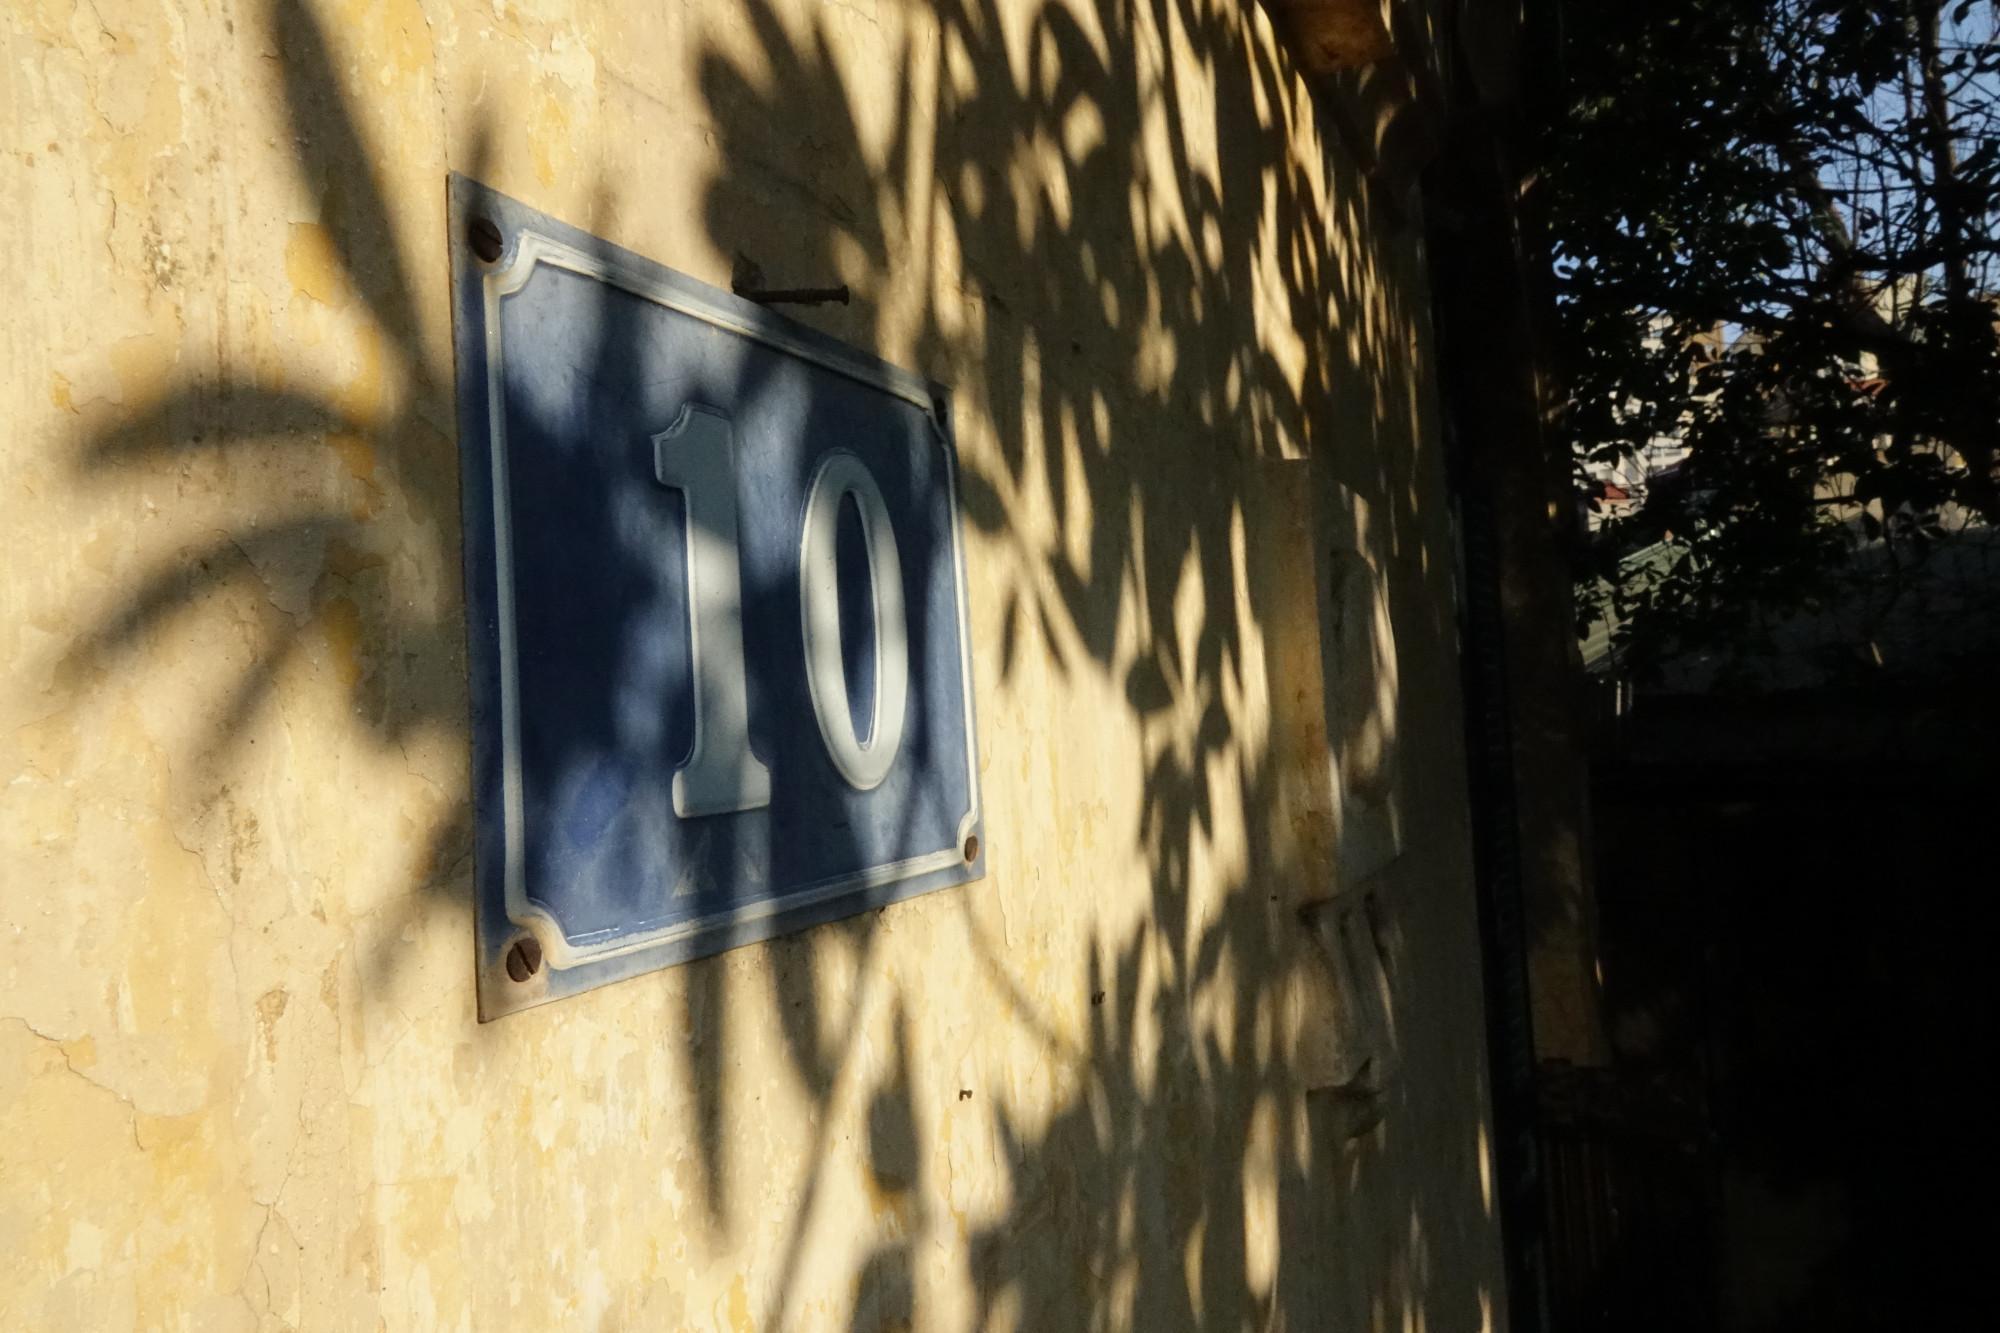 Ngôi nhà số 10 ngõ 128C Đại La này là chứng nhân lịch sử của những năm tháng mưa bom bão đạn. Đến năm 1977, nơi đây trở thành nhà ở của cán bộ của Đài Tiếng nói Việt Nam. Năm 1991, ngôi biệt thự Pháp cổ này được đưa vào quy hoạch cần dỡ bỏ để mở rộng đường Đại La.